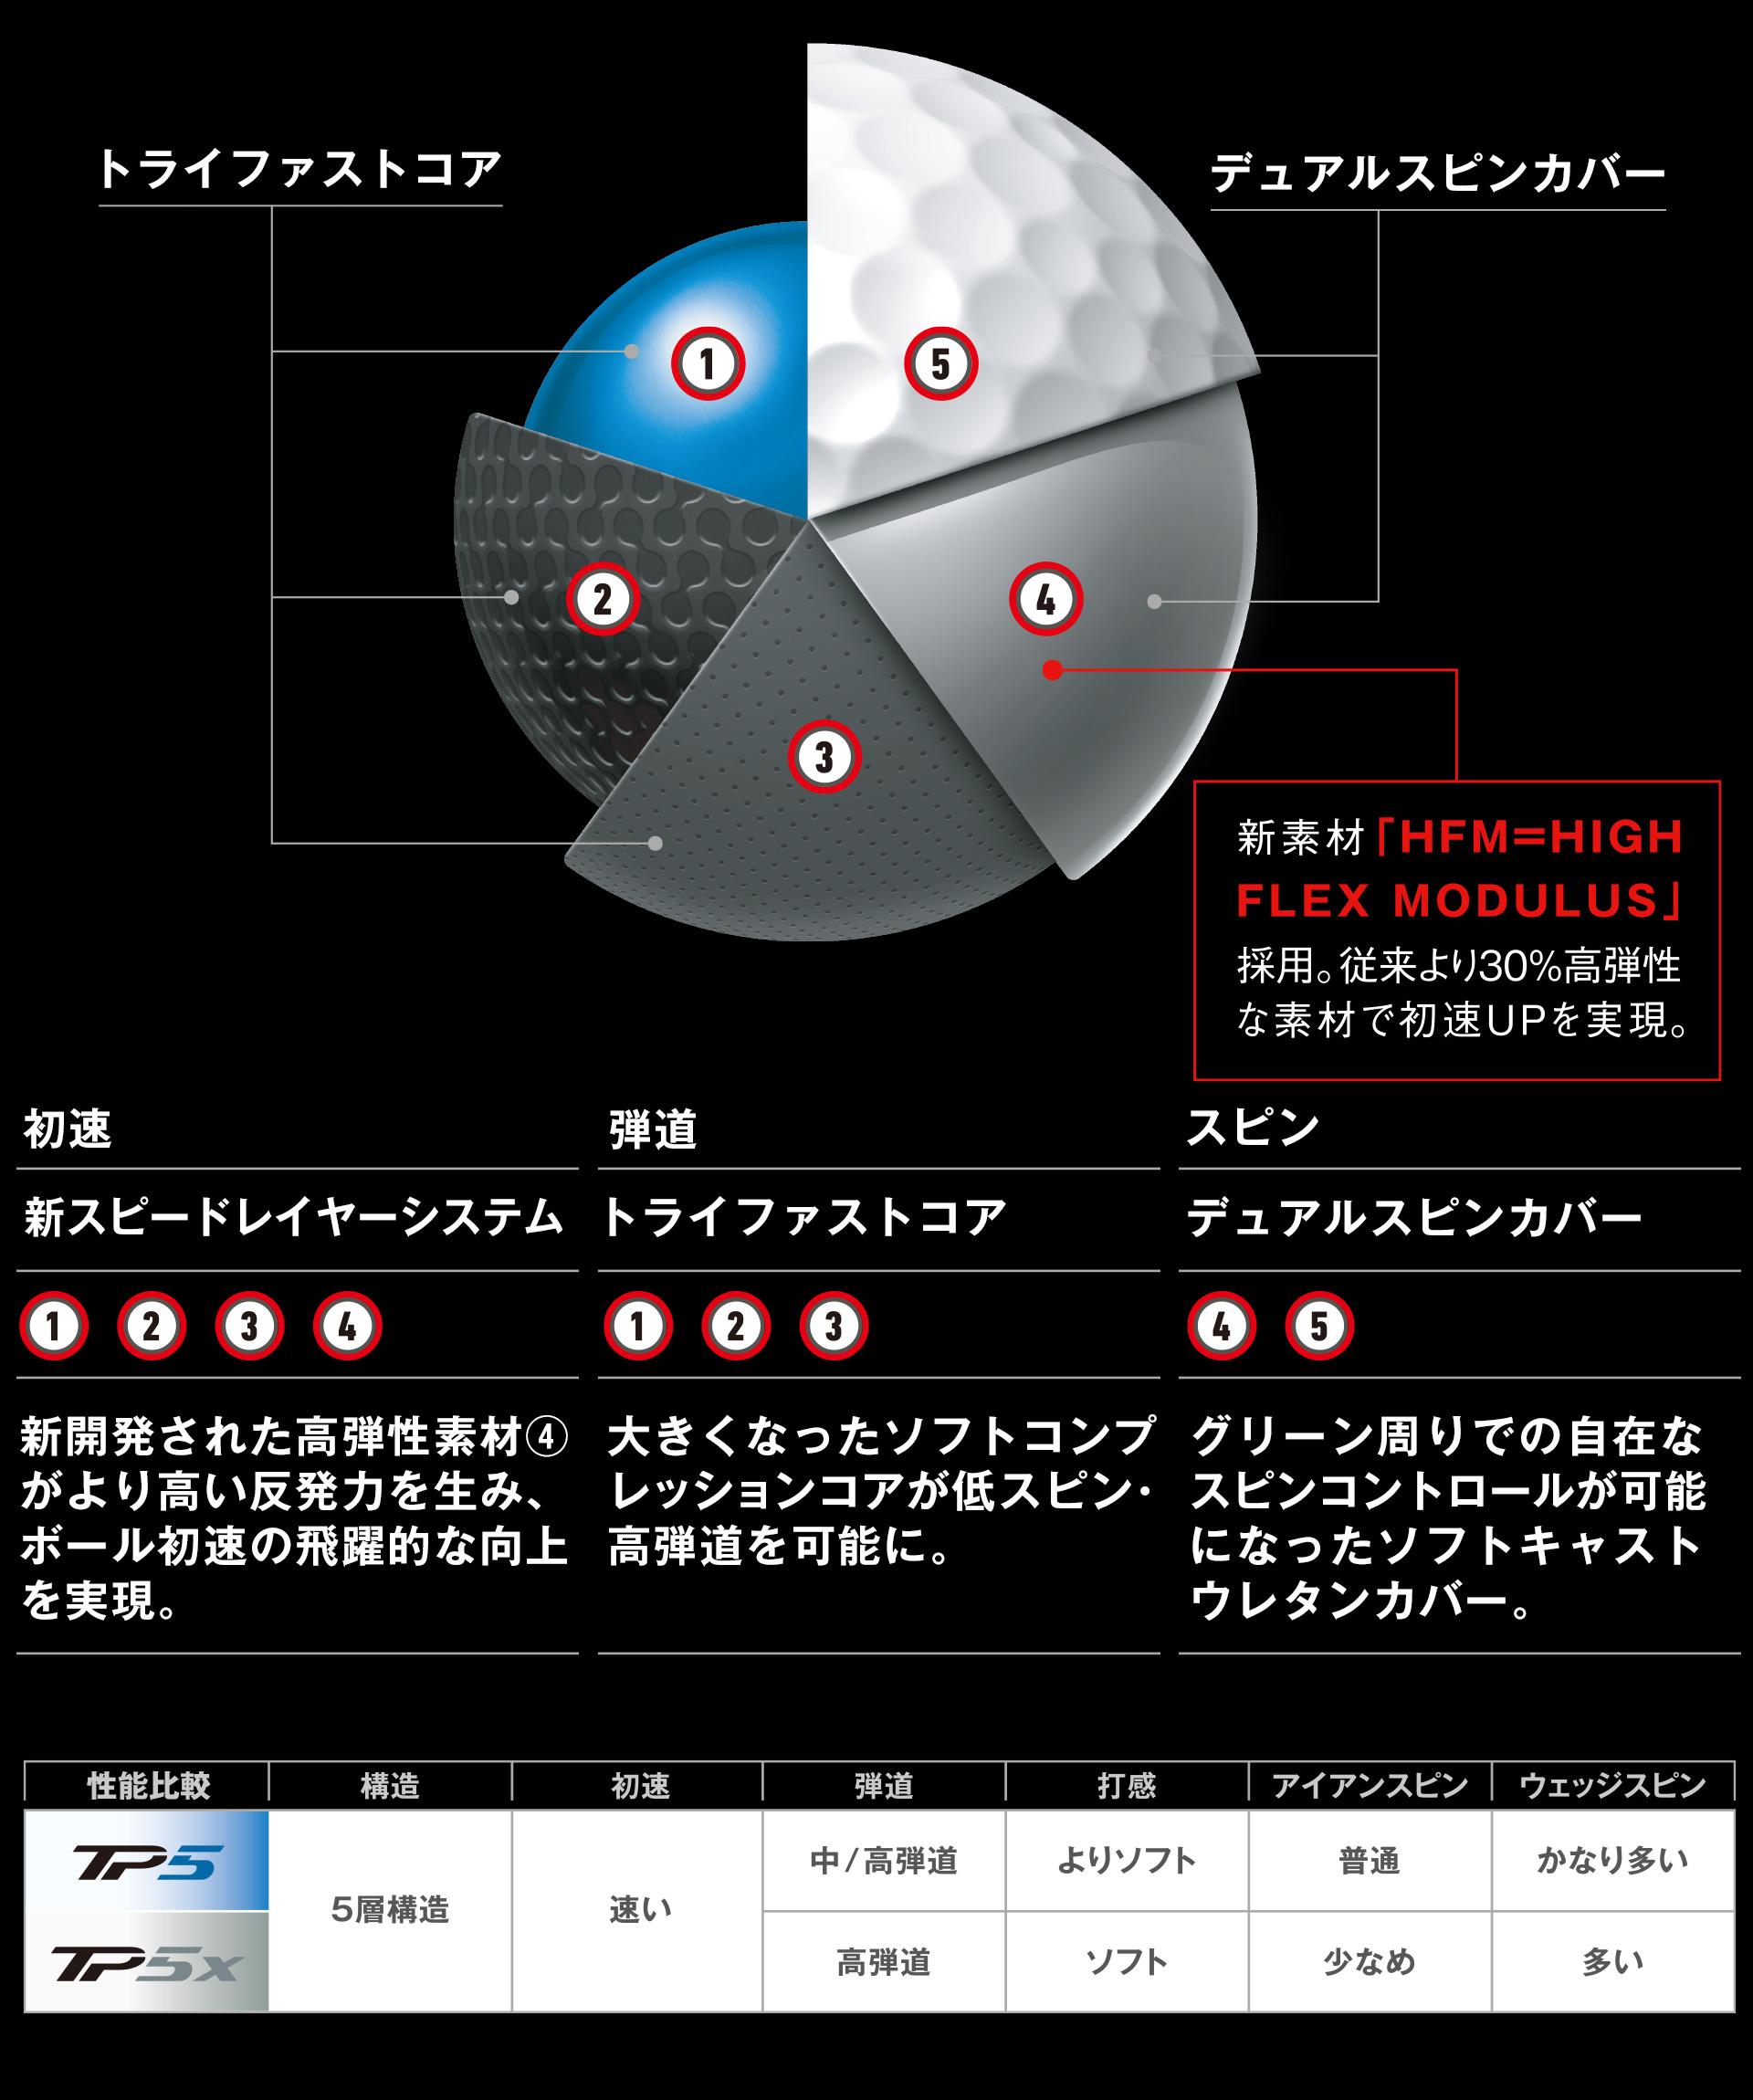 先進のツアーボール「TP5/TP5x」がさらに進化。